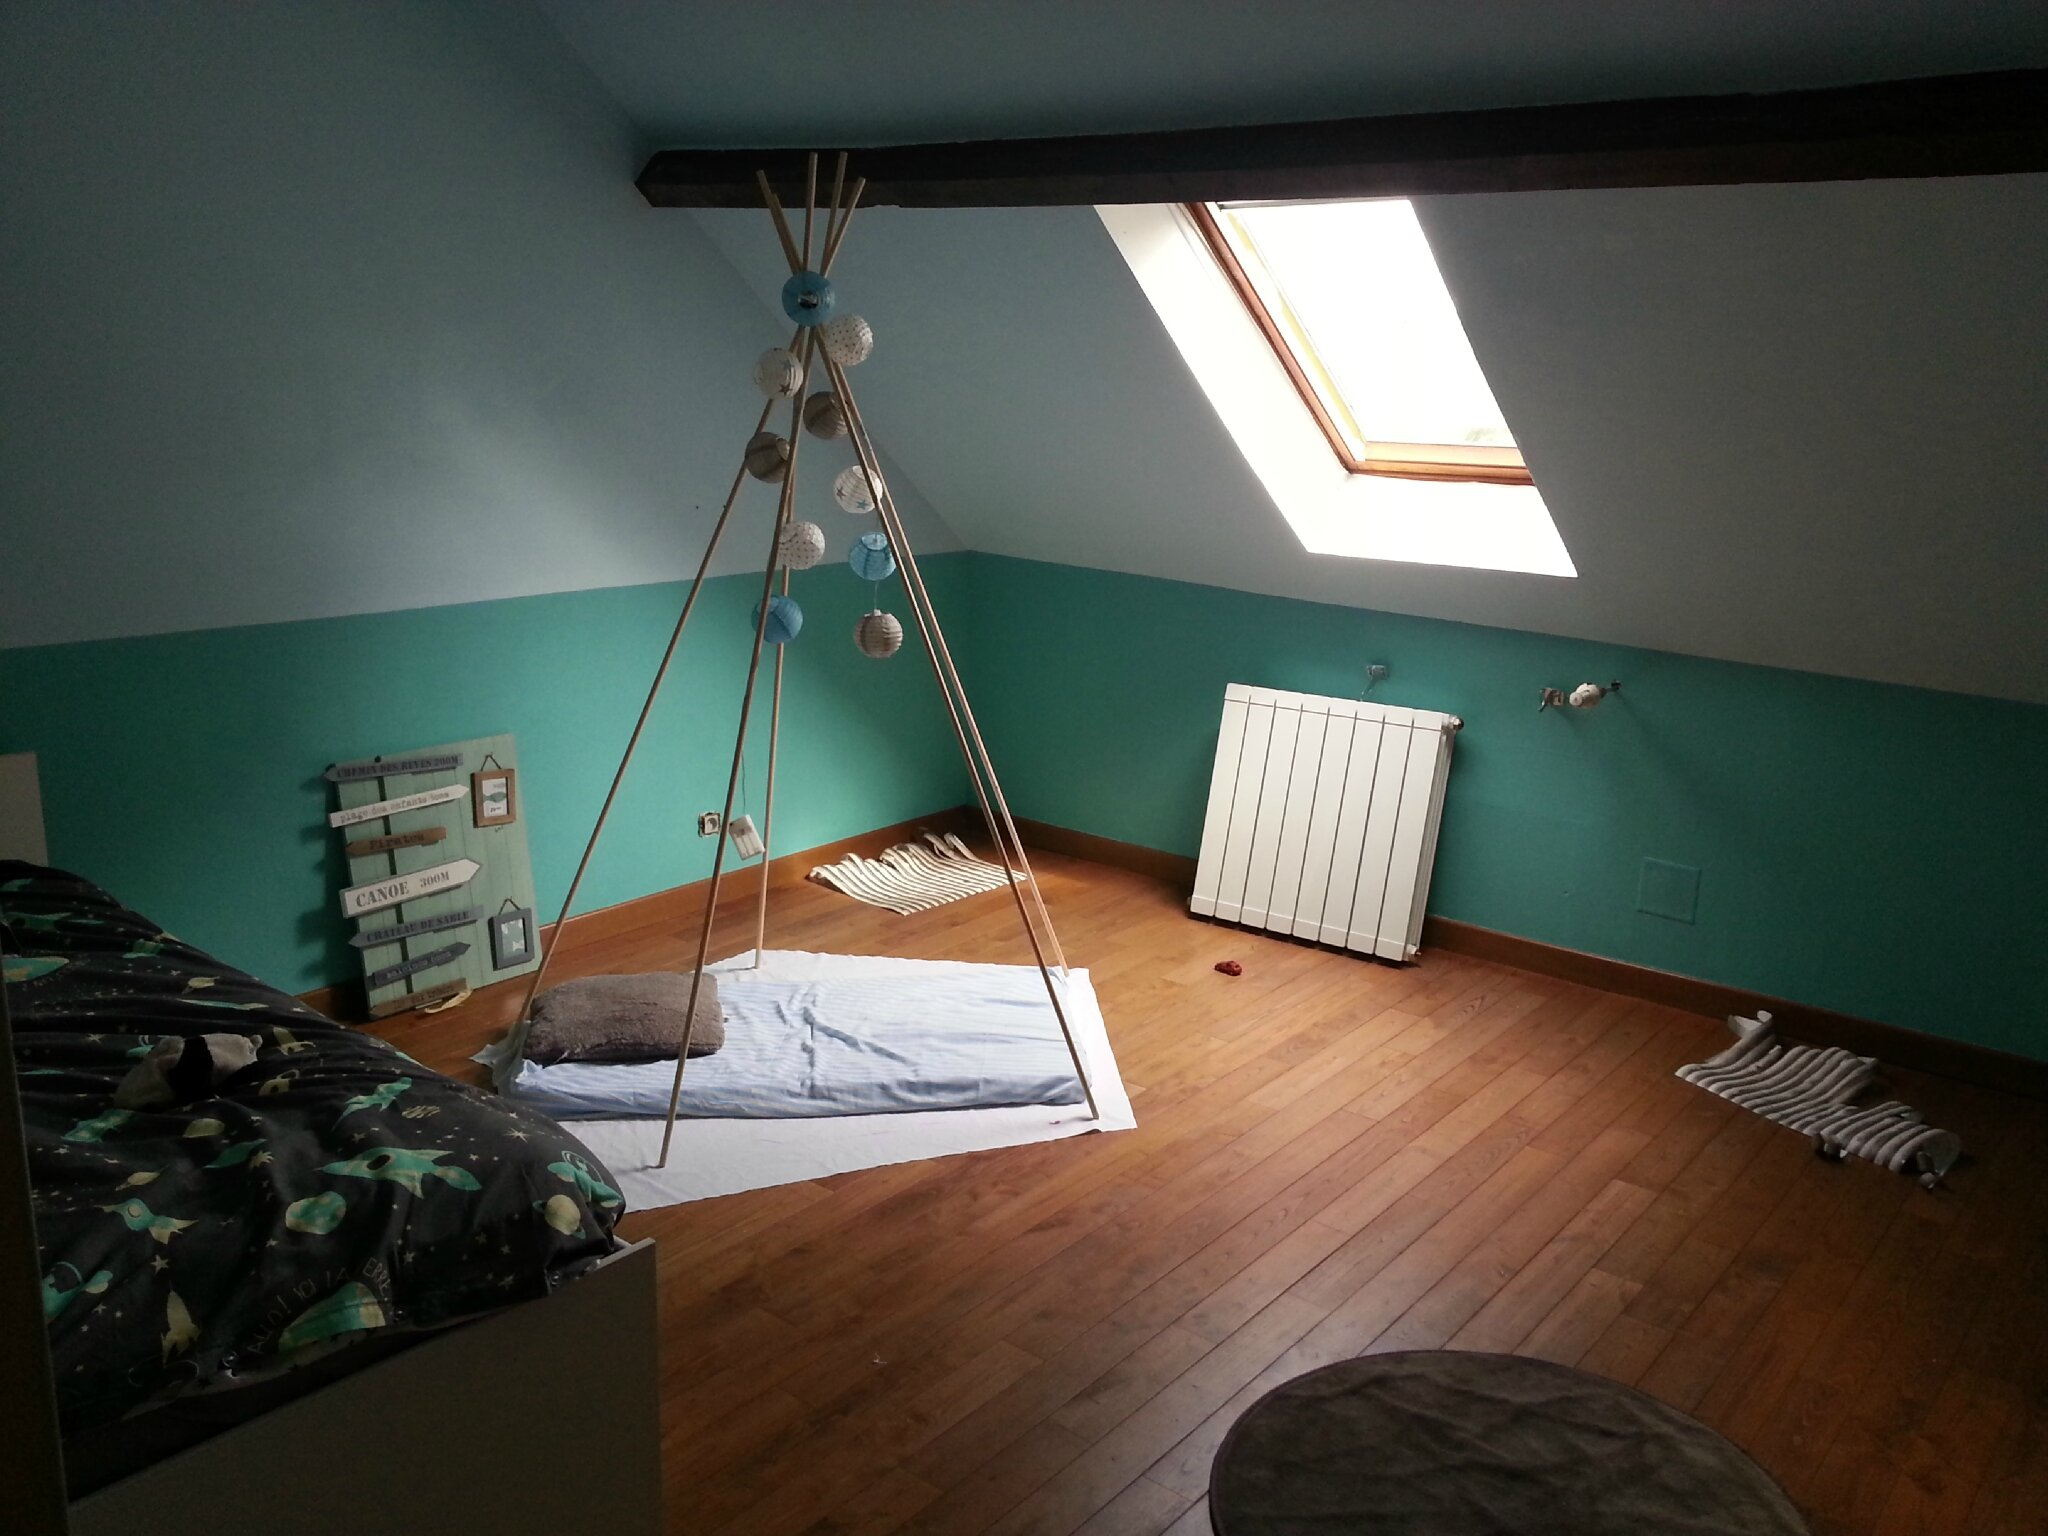 Décoration de chambre enfant (garçon) et création d'une tente!